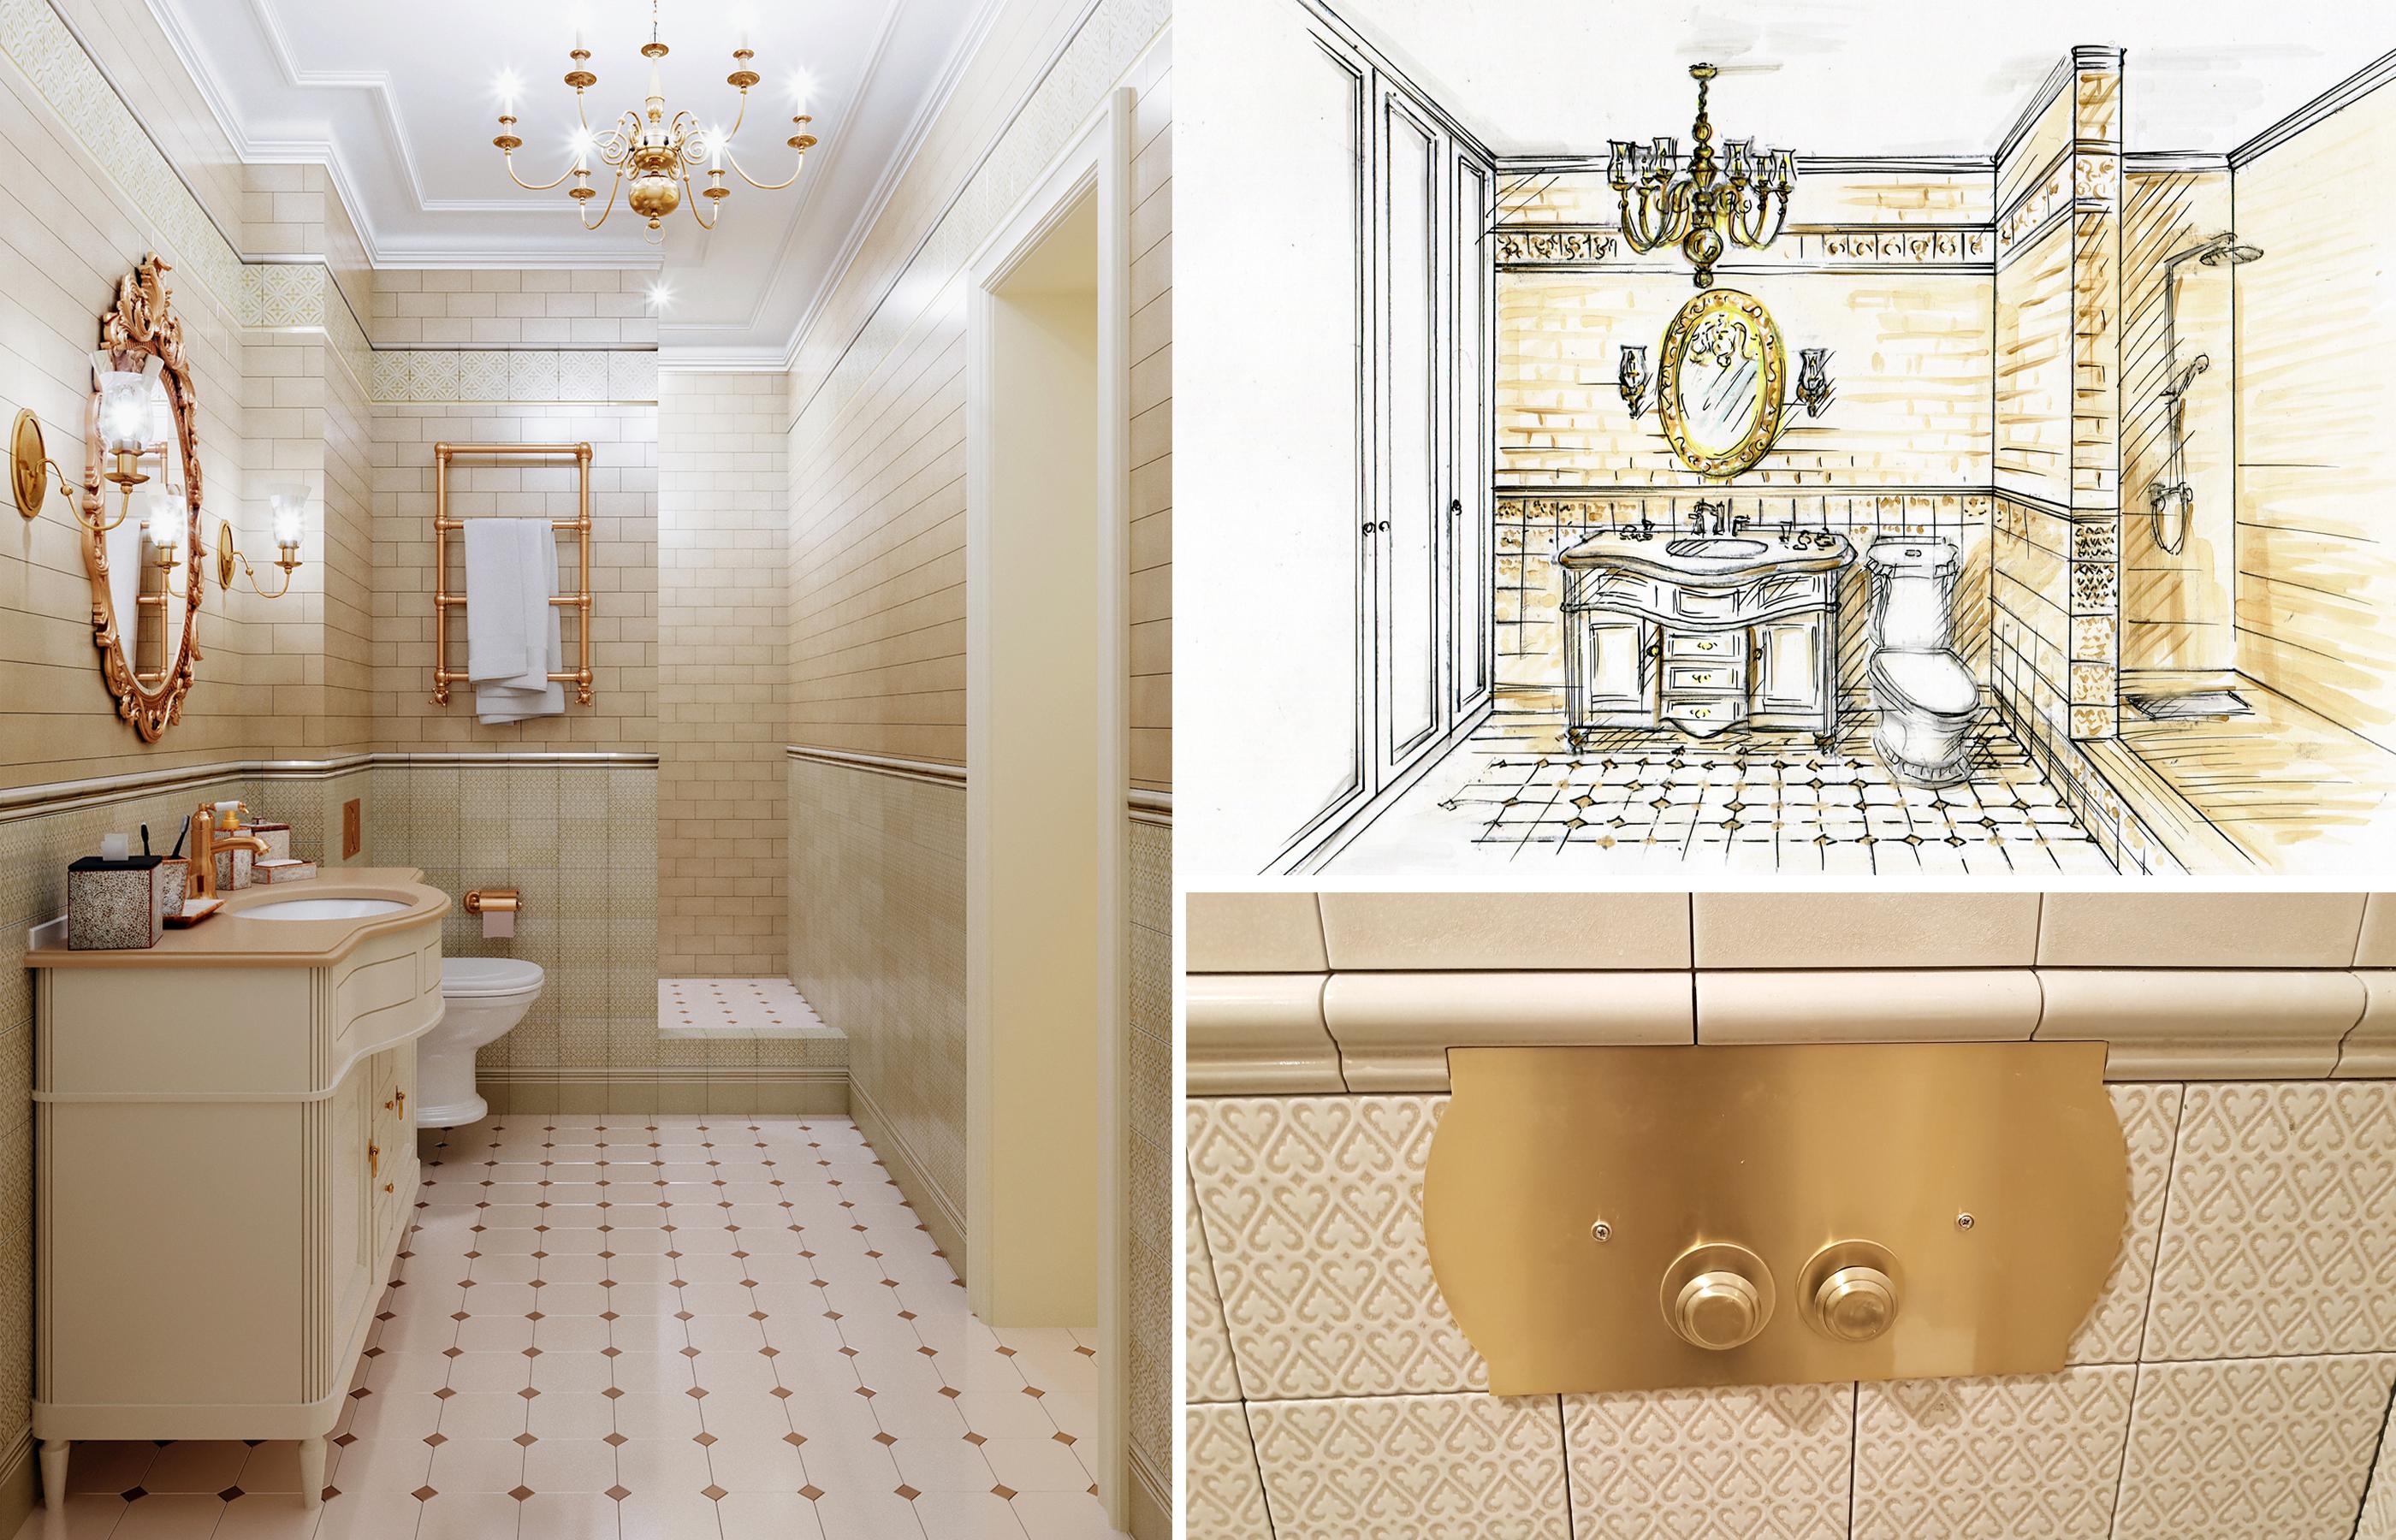 Процесс от эскиза до реального воплощения ванной комнаты